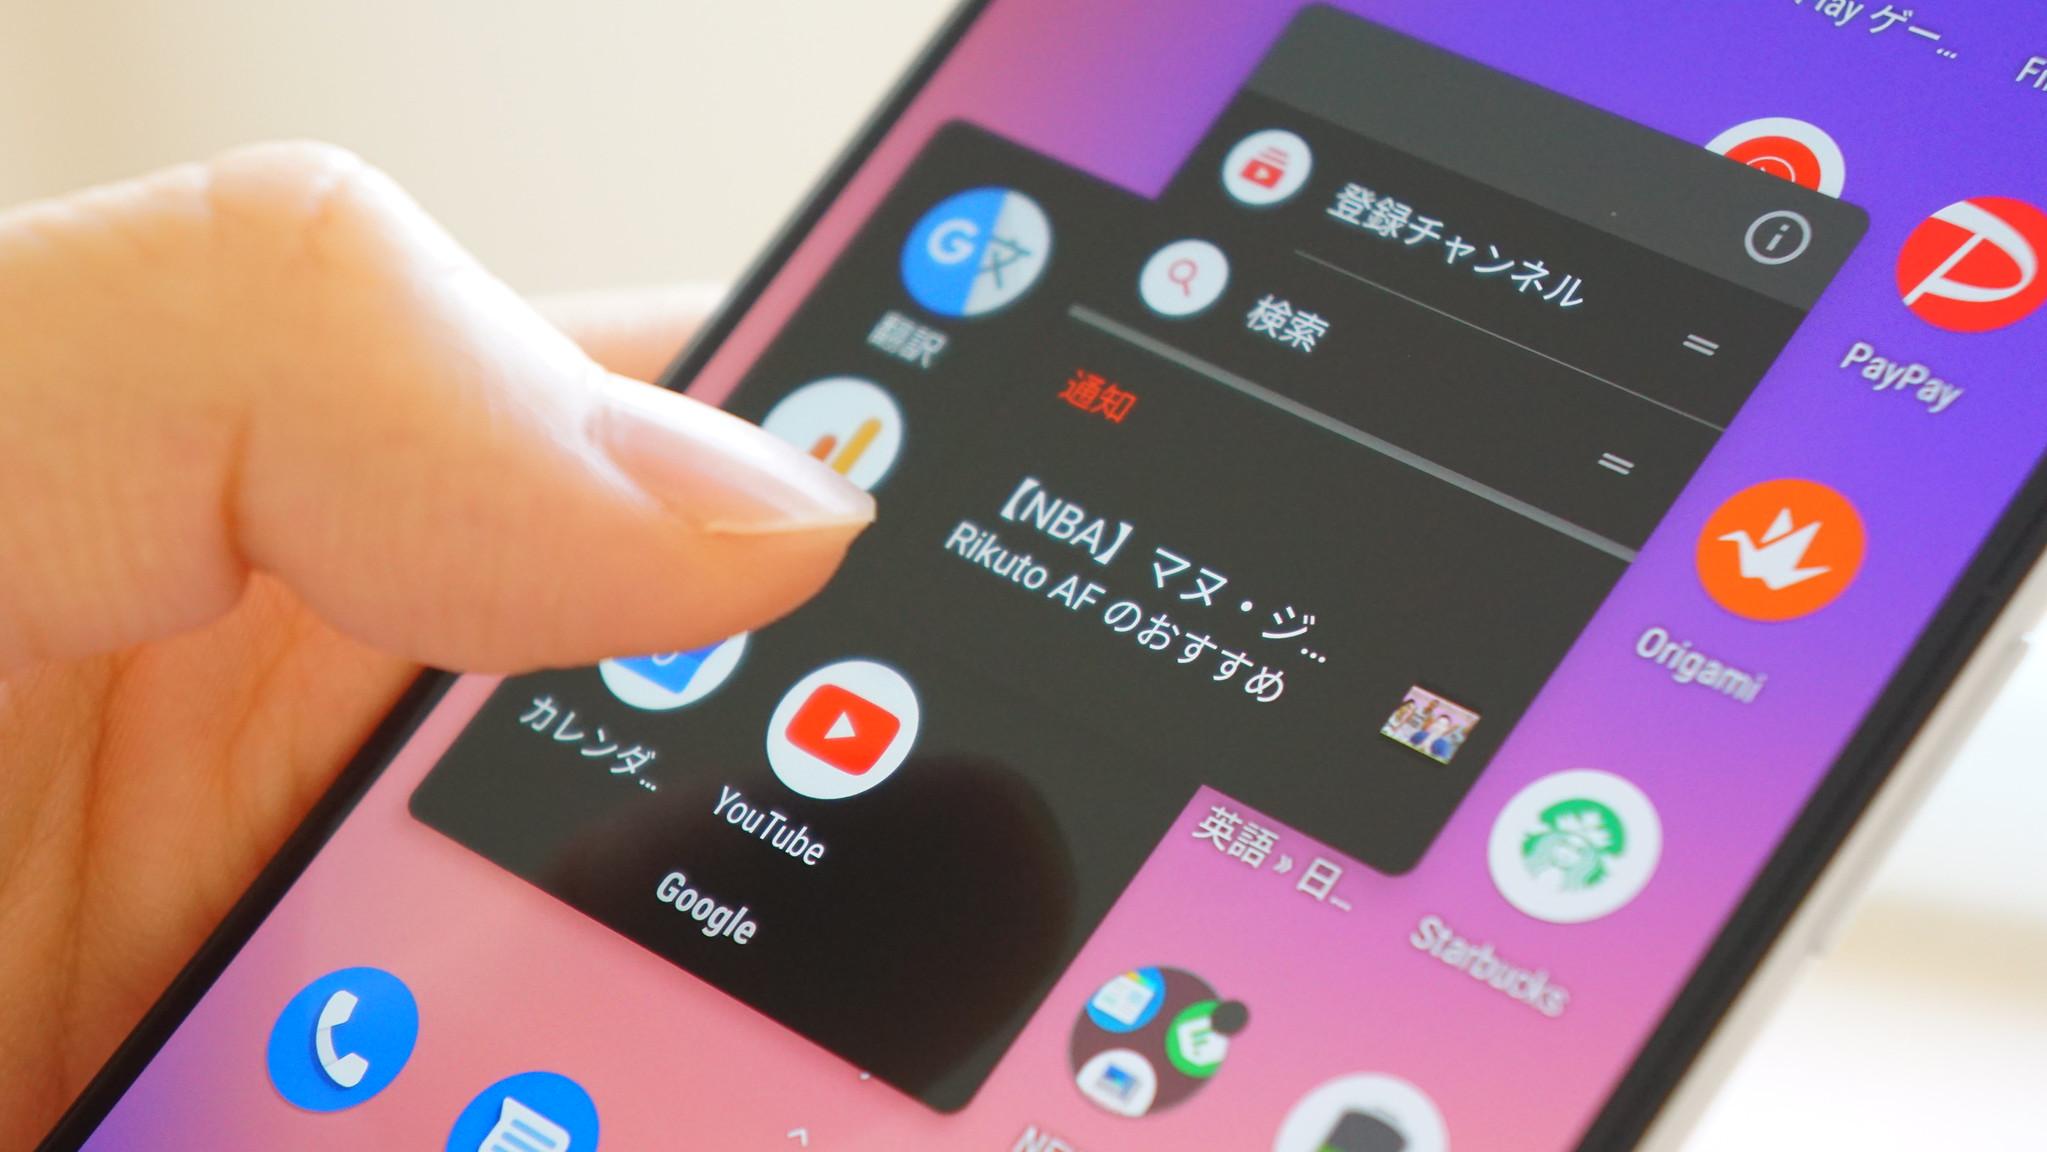 """Android Q、iOSの3D Touchのような""""深くプレス""""操作が可能に"""